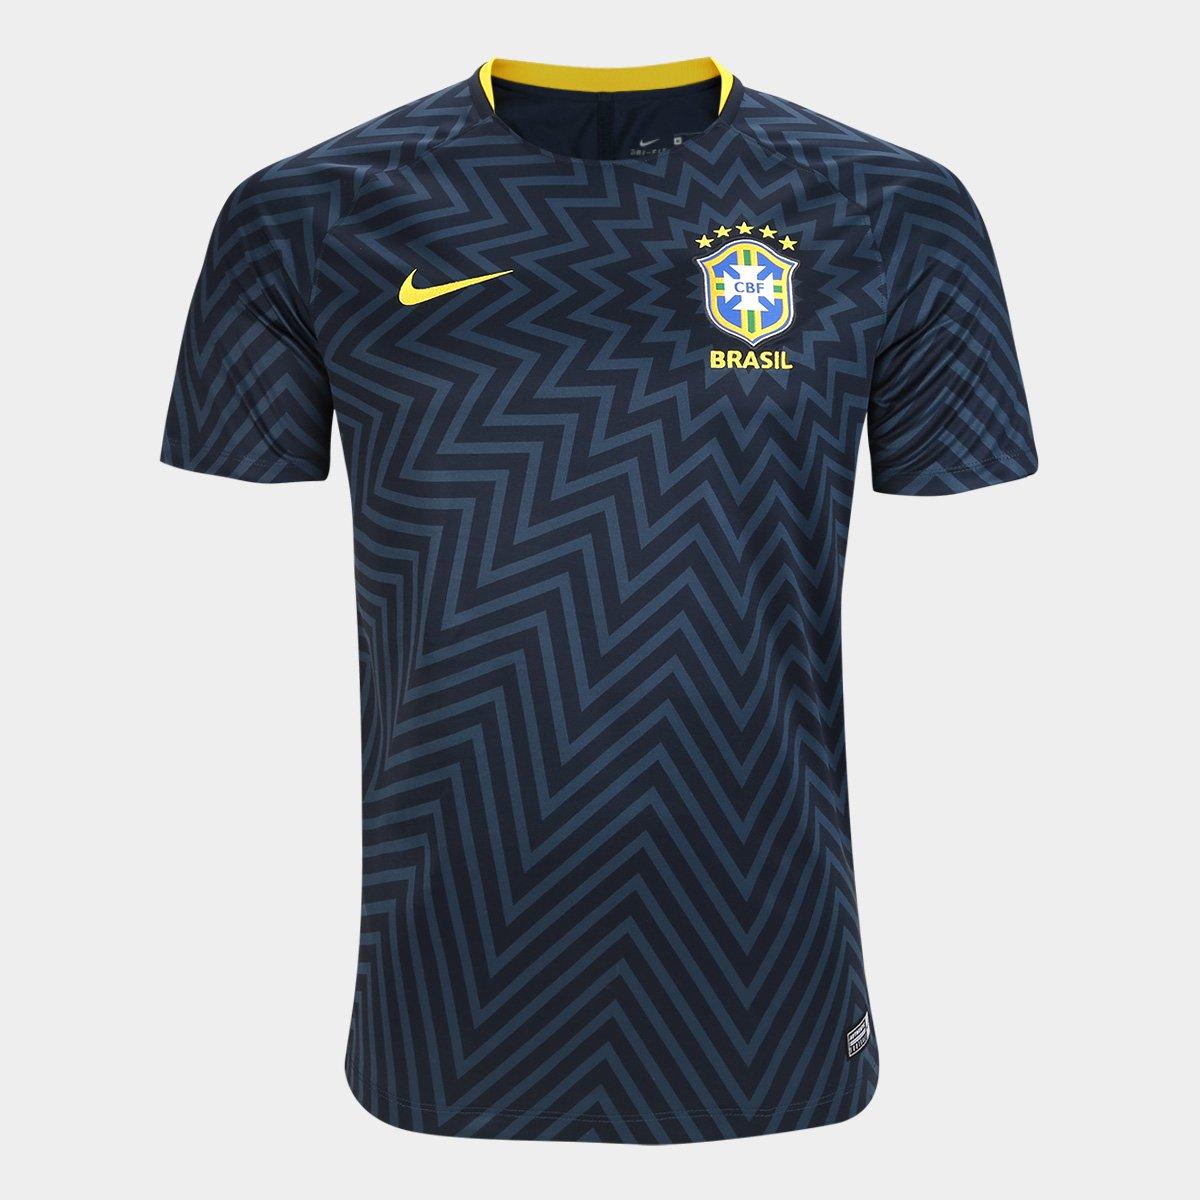 d7e3696729 Camisa Brasil Pré-Jogo Dry Nike Masculina - Compre Agora